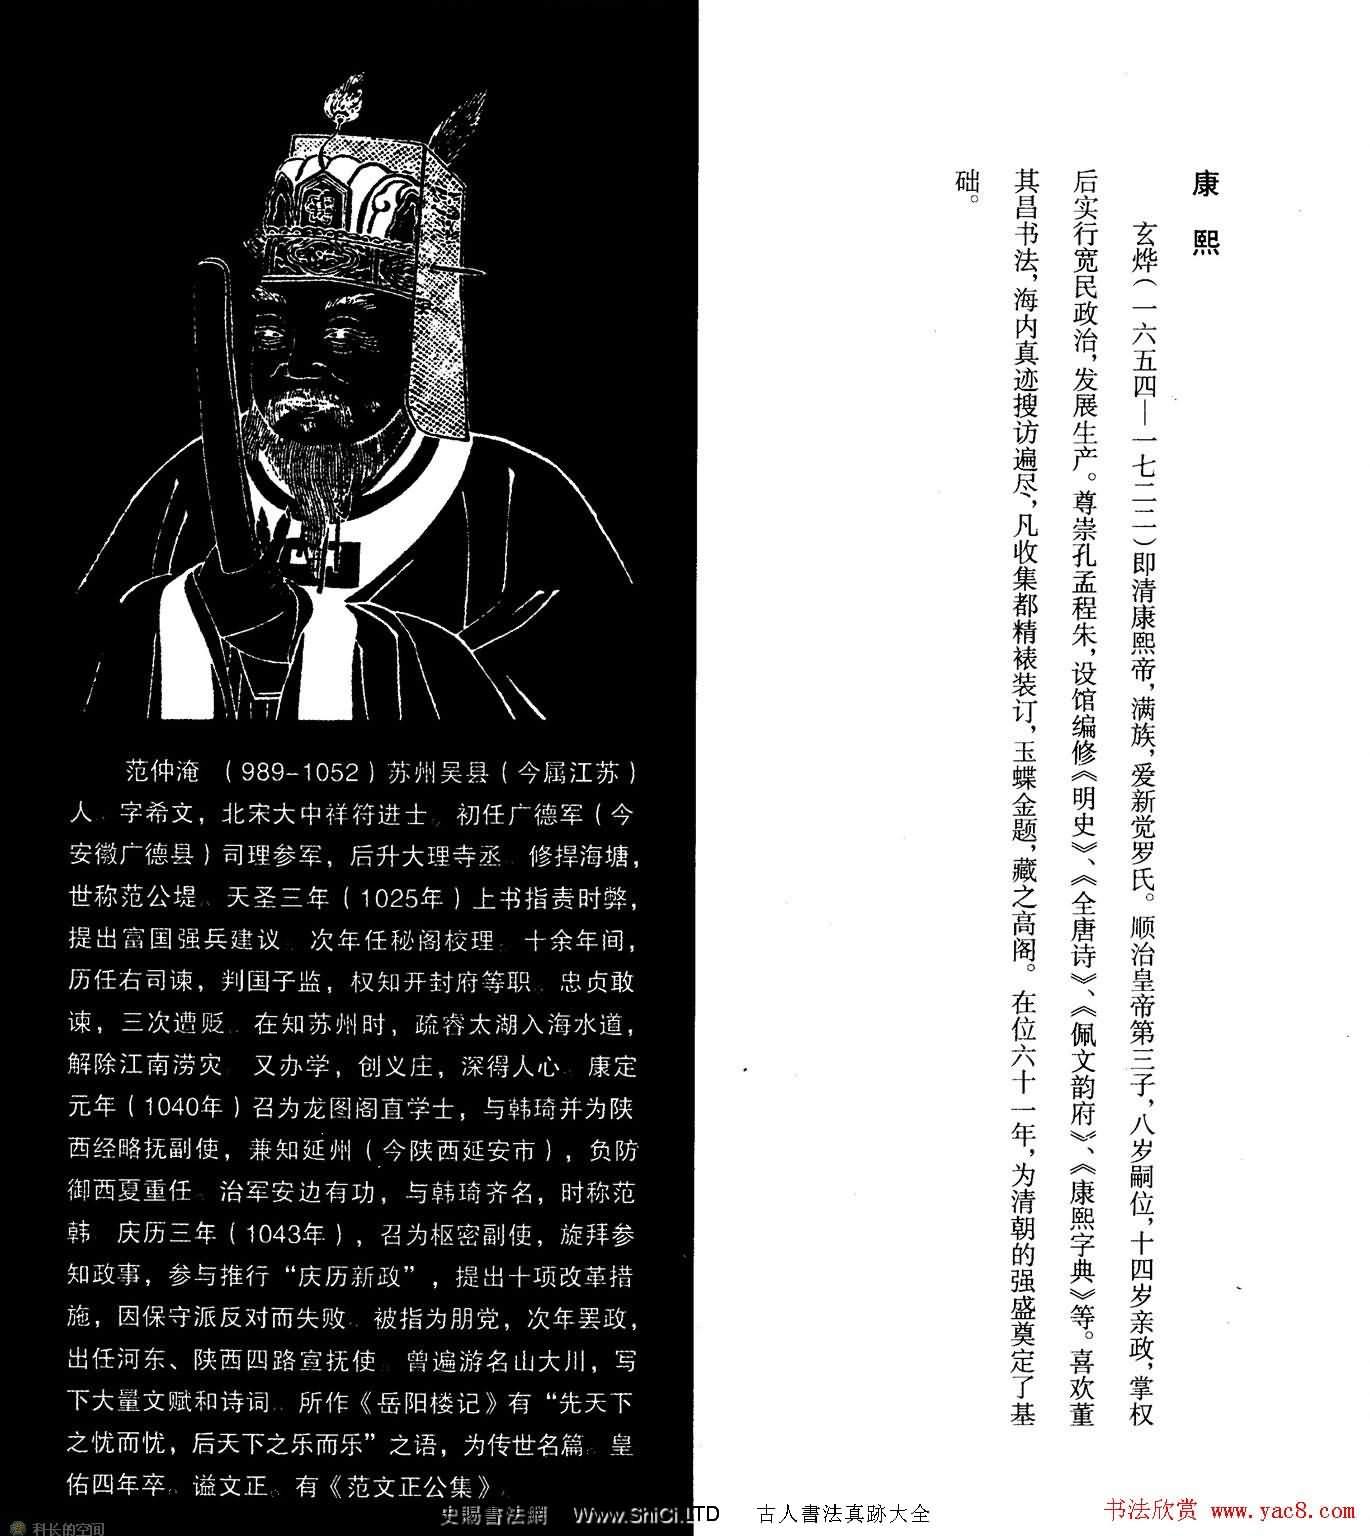 康熙行草書法字帖《岳陽樓記》(共10張圖片)